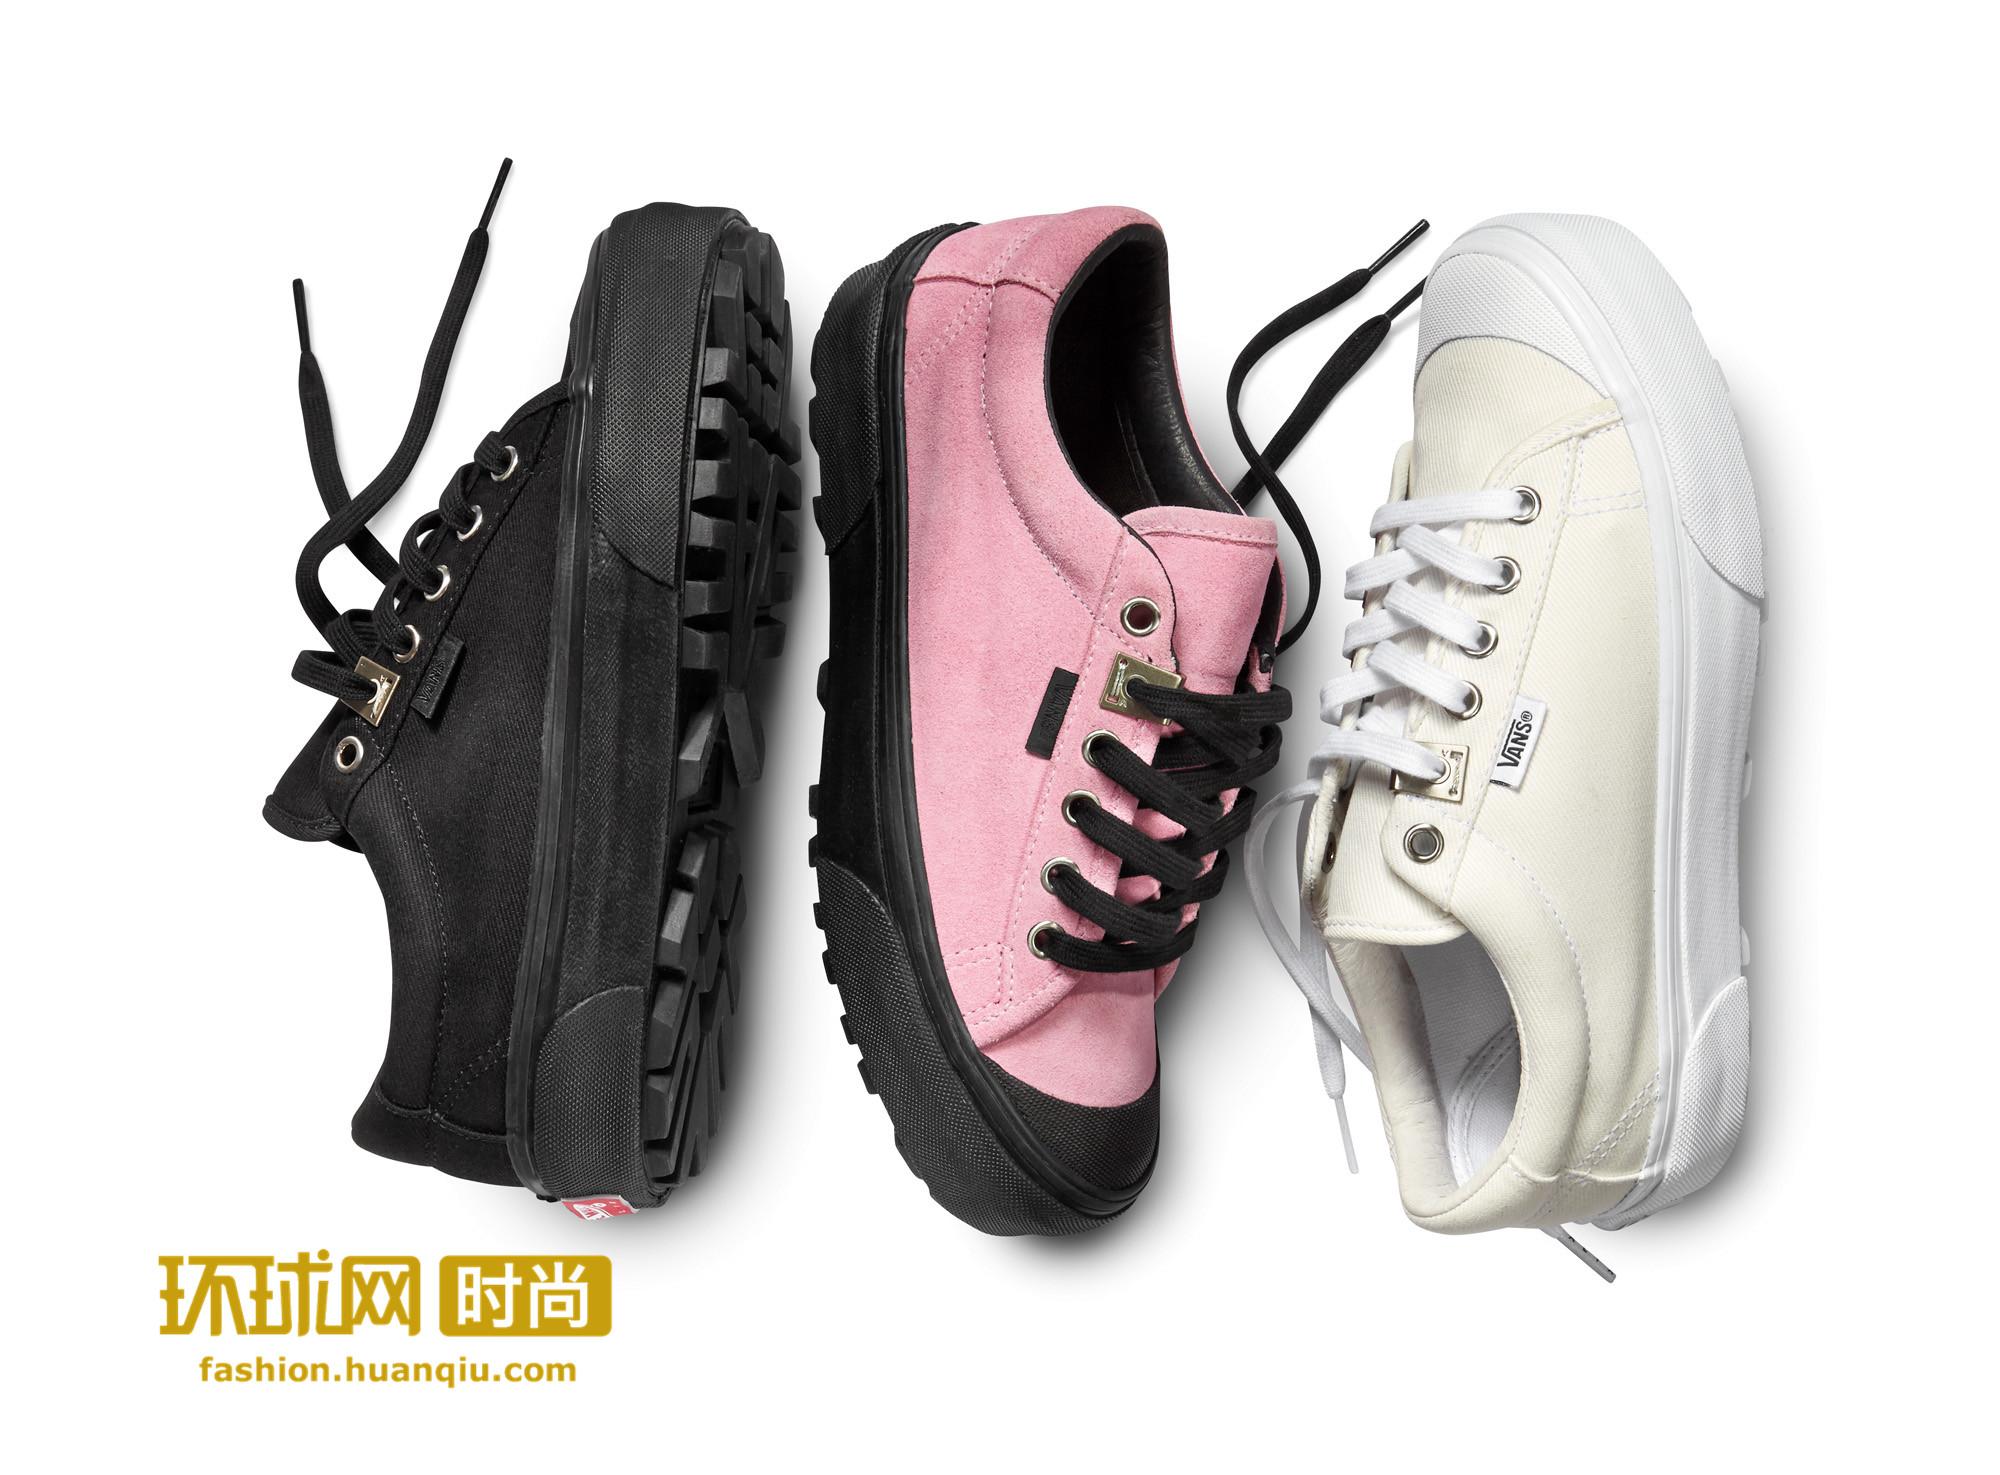 Vans携手ALYX推出联名系列 这样的球鞋你是否应该拥有